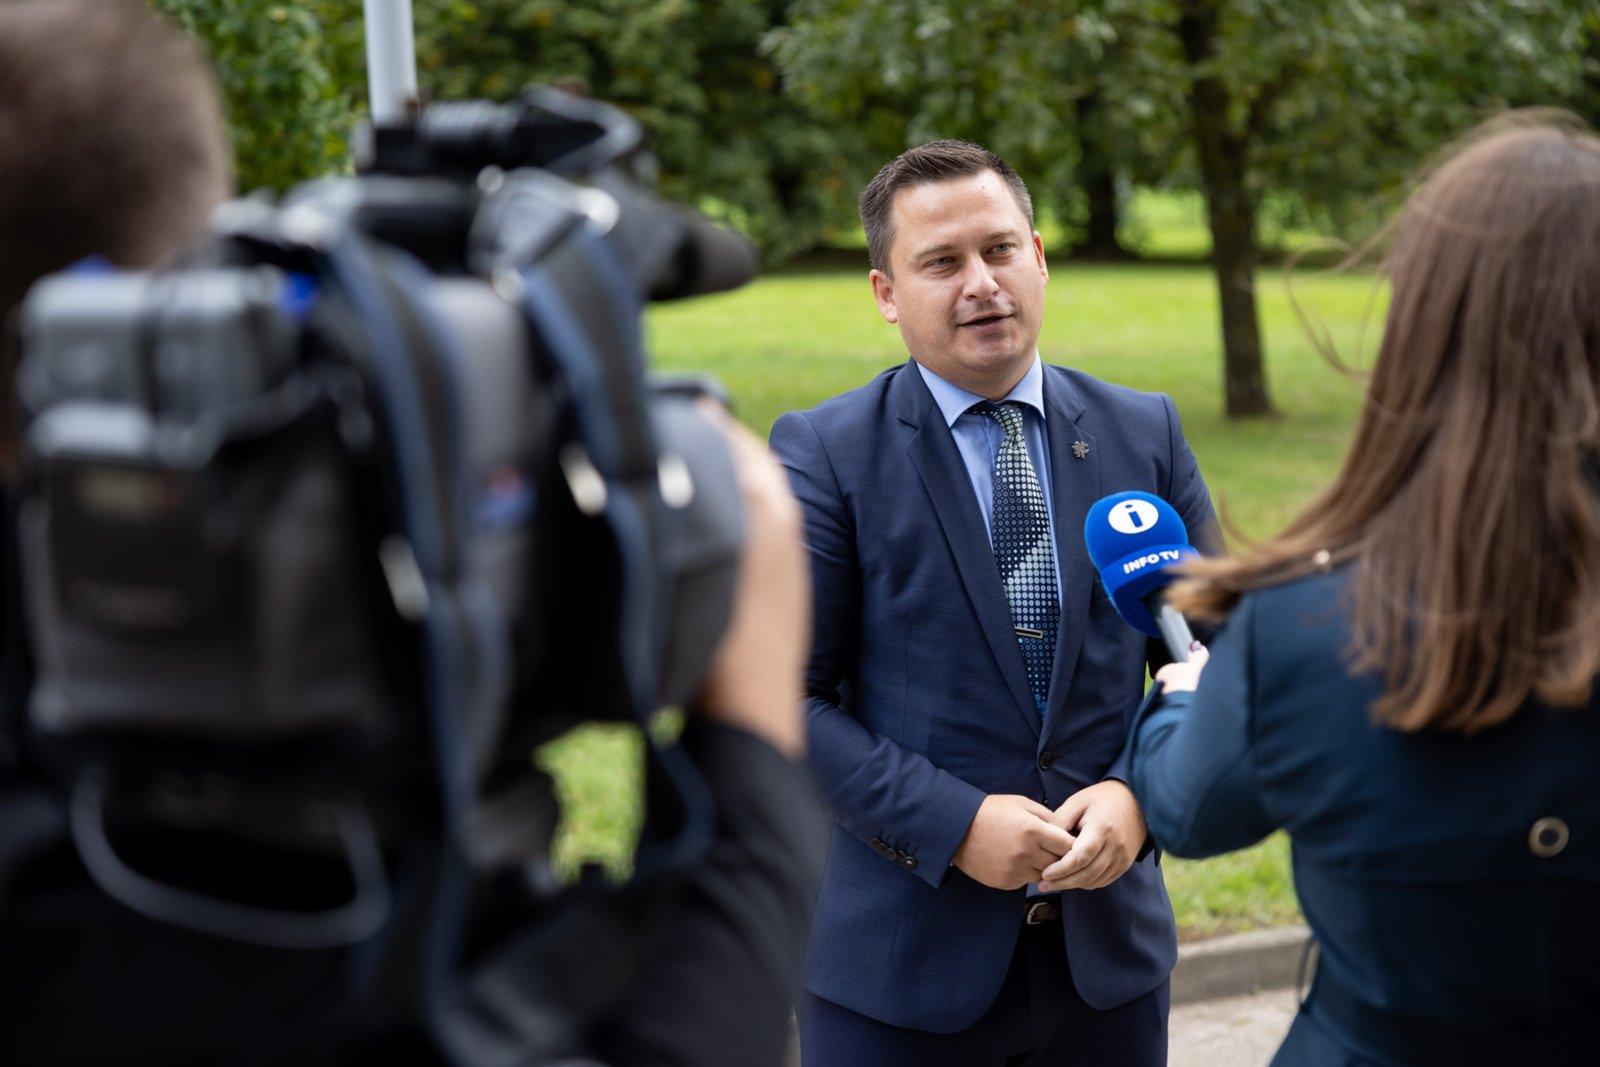 Savivaldybės valdomos įmonės Šiaulių miesto biudžetą papildė 0,2 mln. eurų